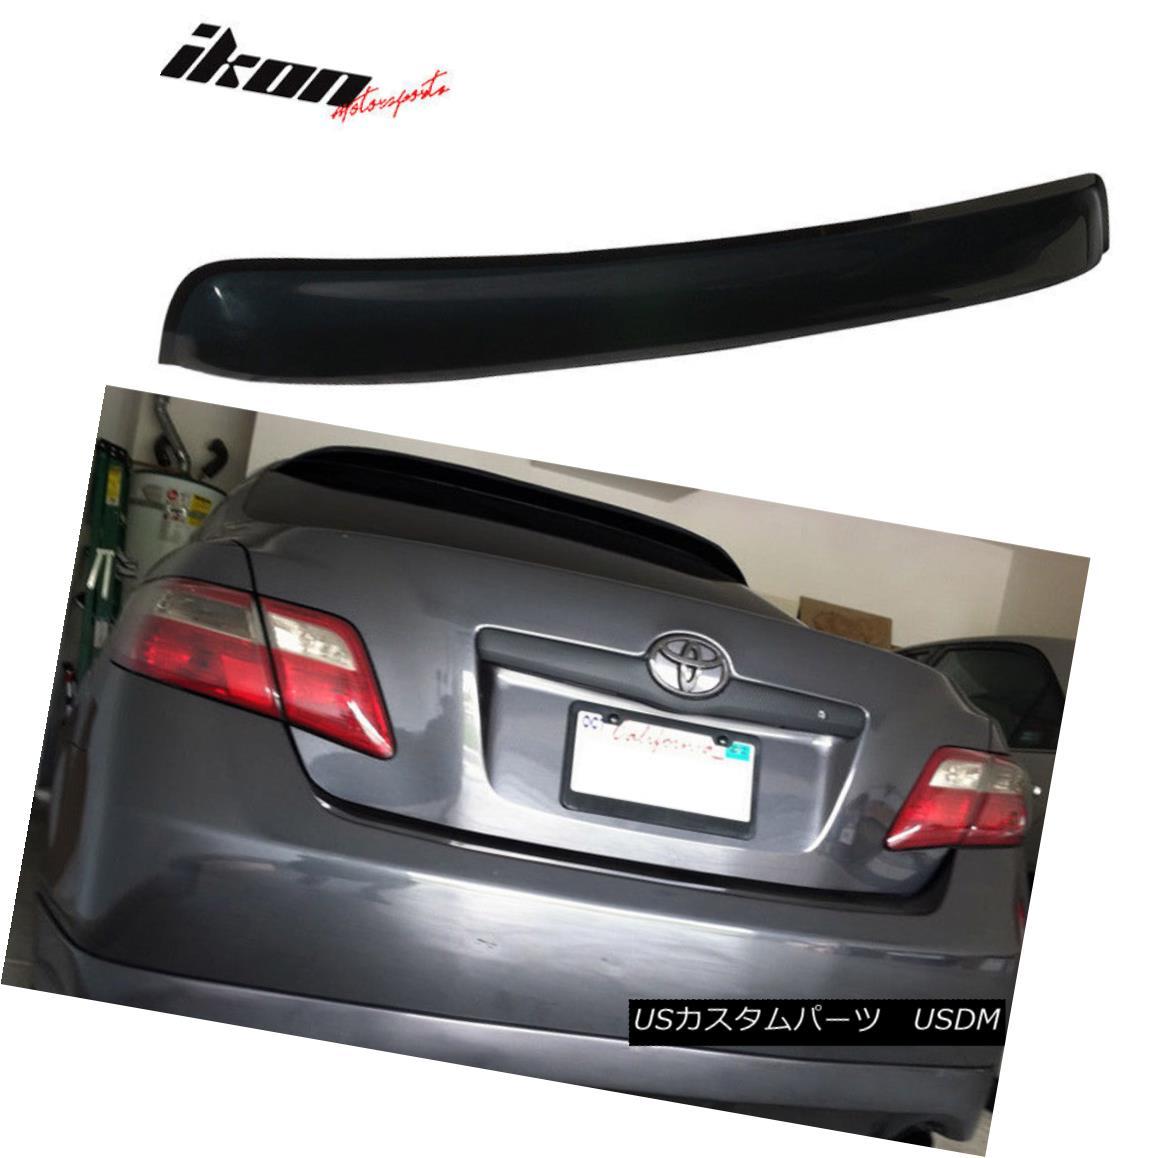 エアロパーツ Fits 07-11 Toyota Camry Xv40 Sedan 4Dr Rear Roof Visor Vent Shade - Acrylic フィット07-11トヨタカムリXv40セダン4Drリアルーフバイザーベントシェード - アクリル